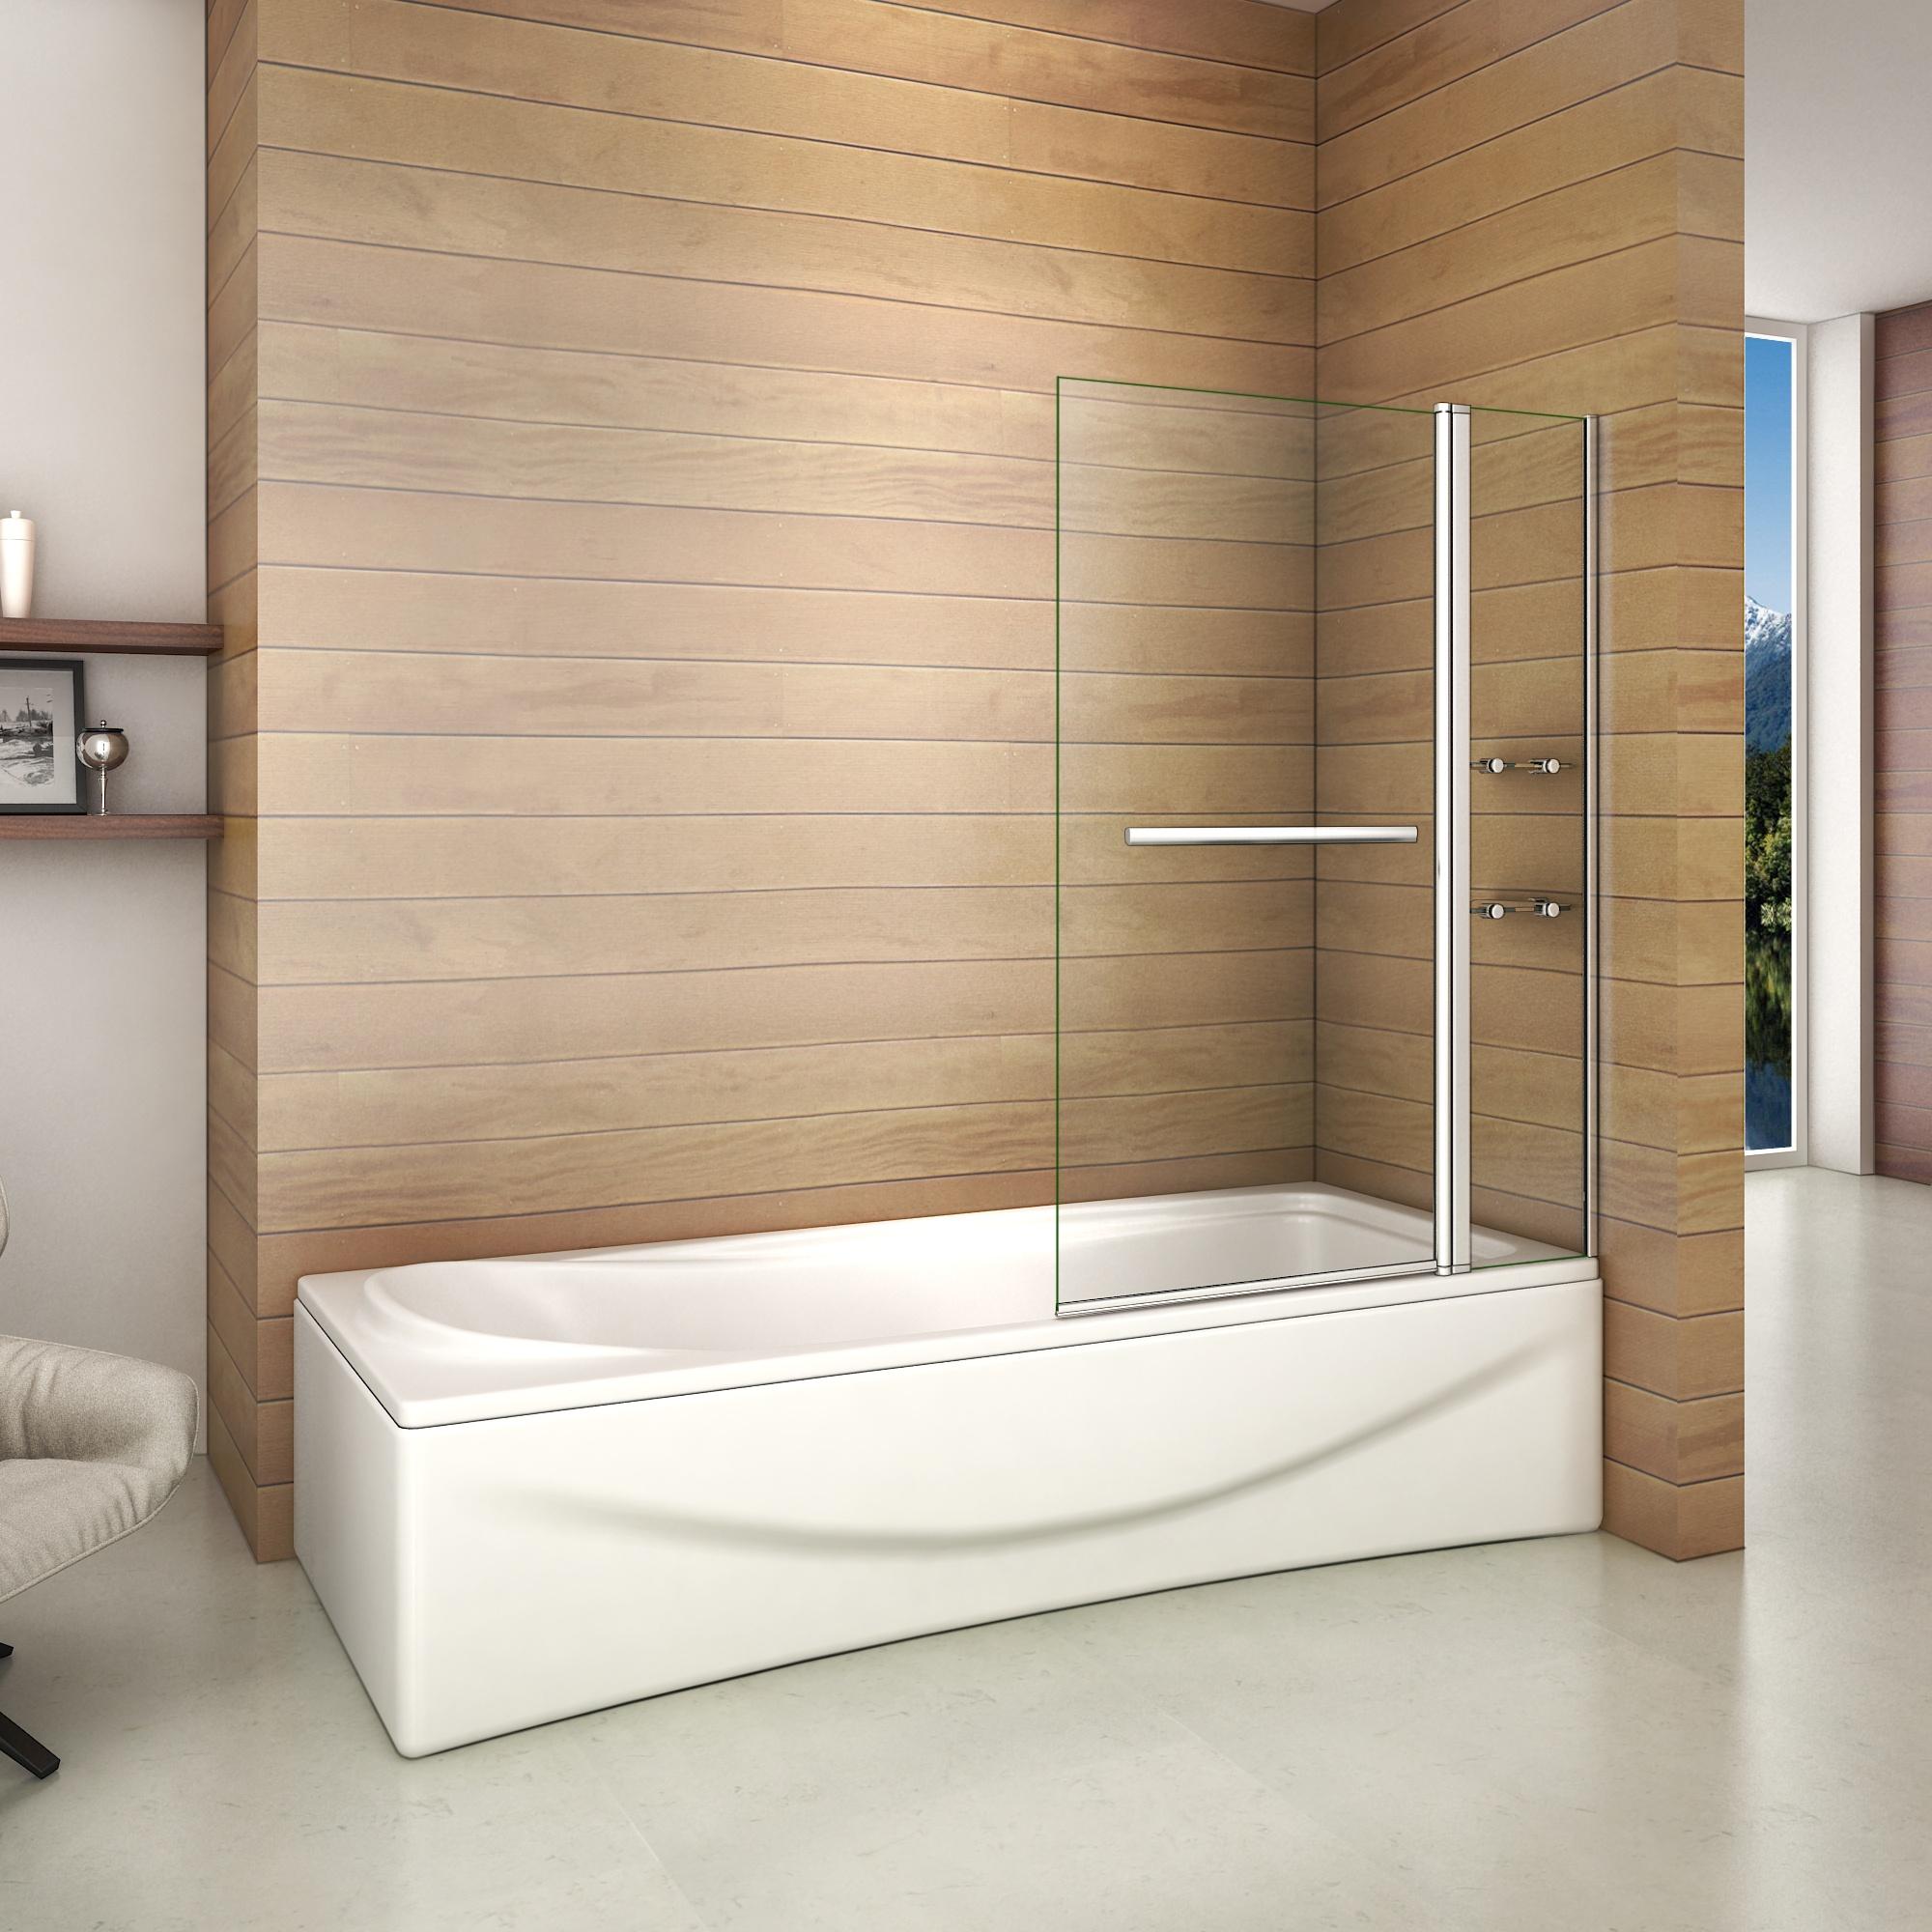 1000x1400x6mm pare baignoire pivotant 180 cran de - Vasca da bagno con gambe ...